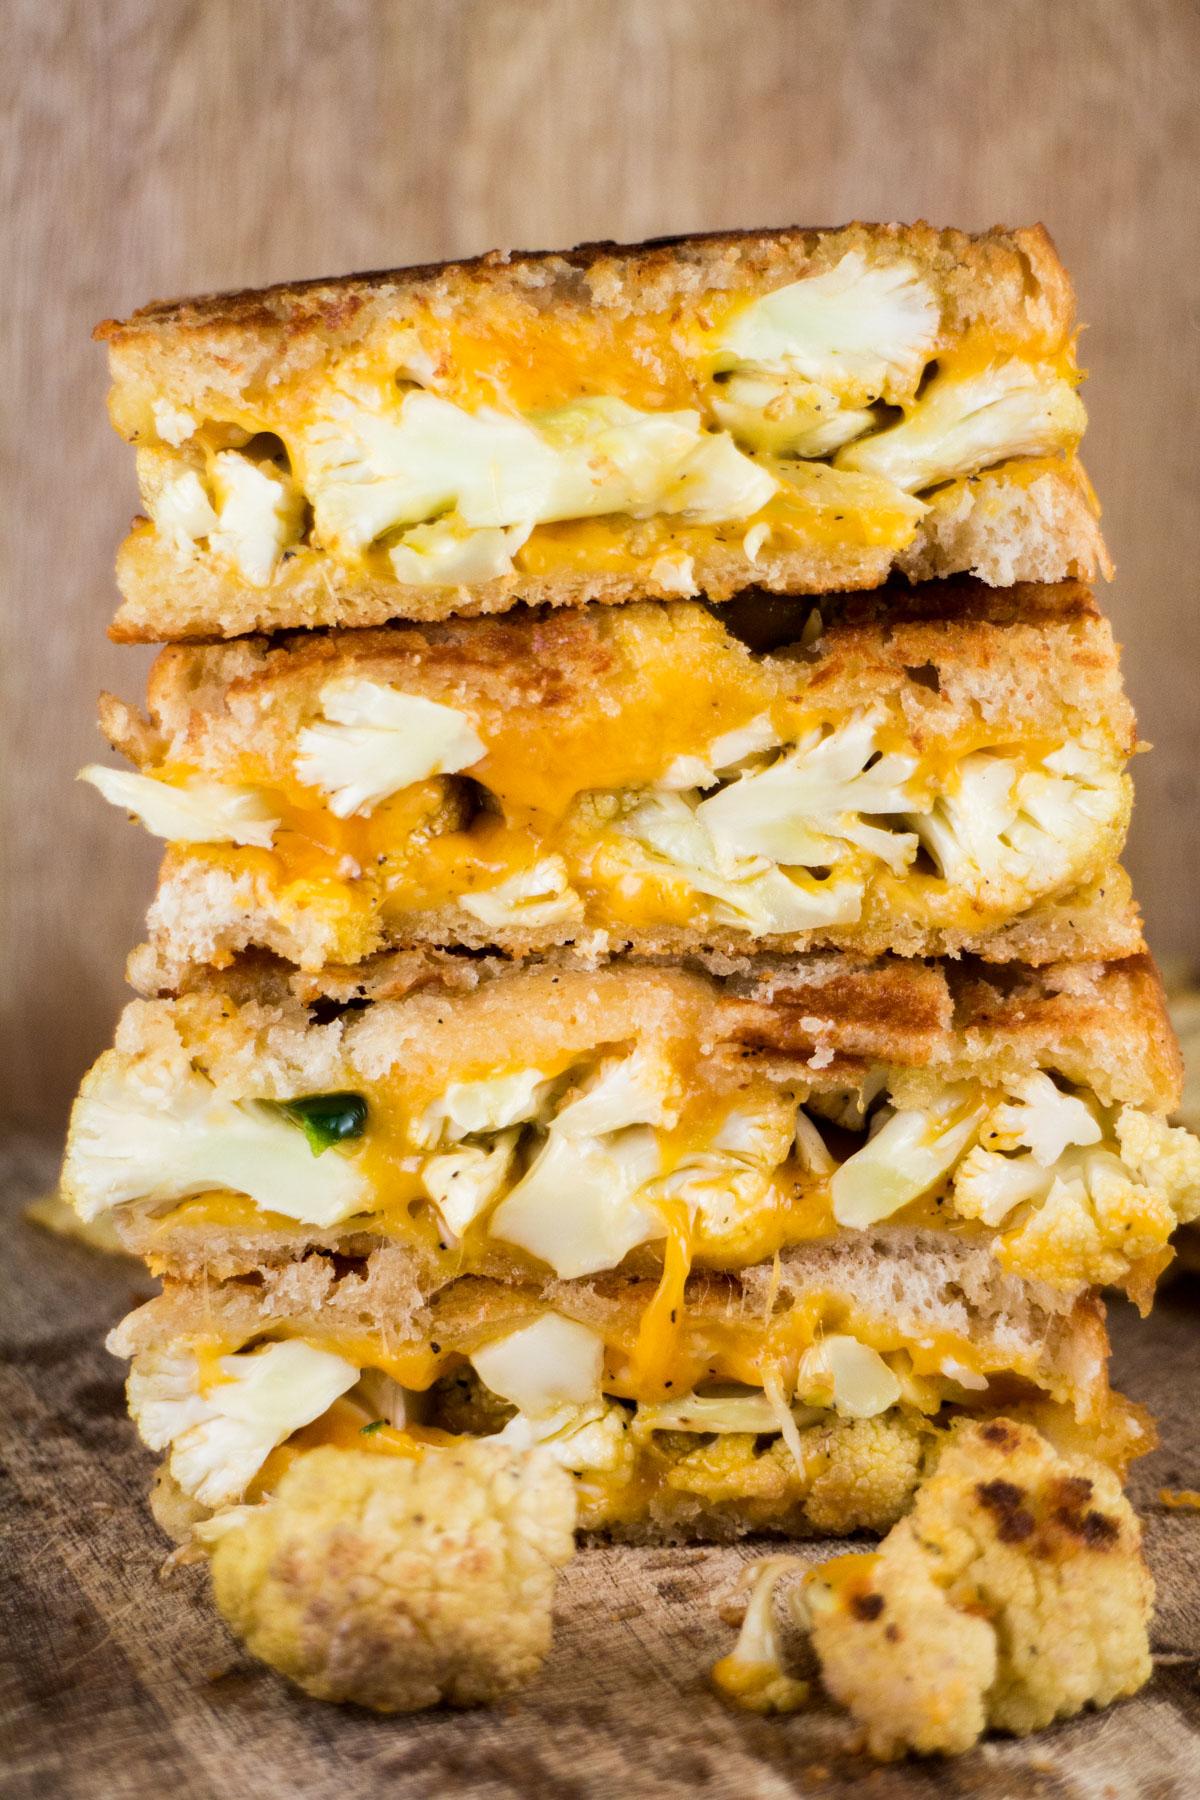 Cauliflower Grilled Cheese Sandwich